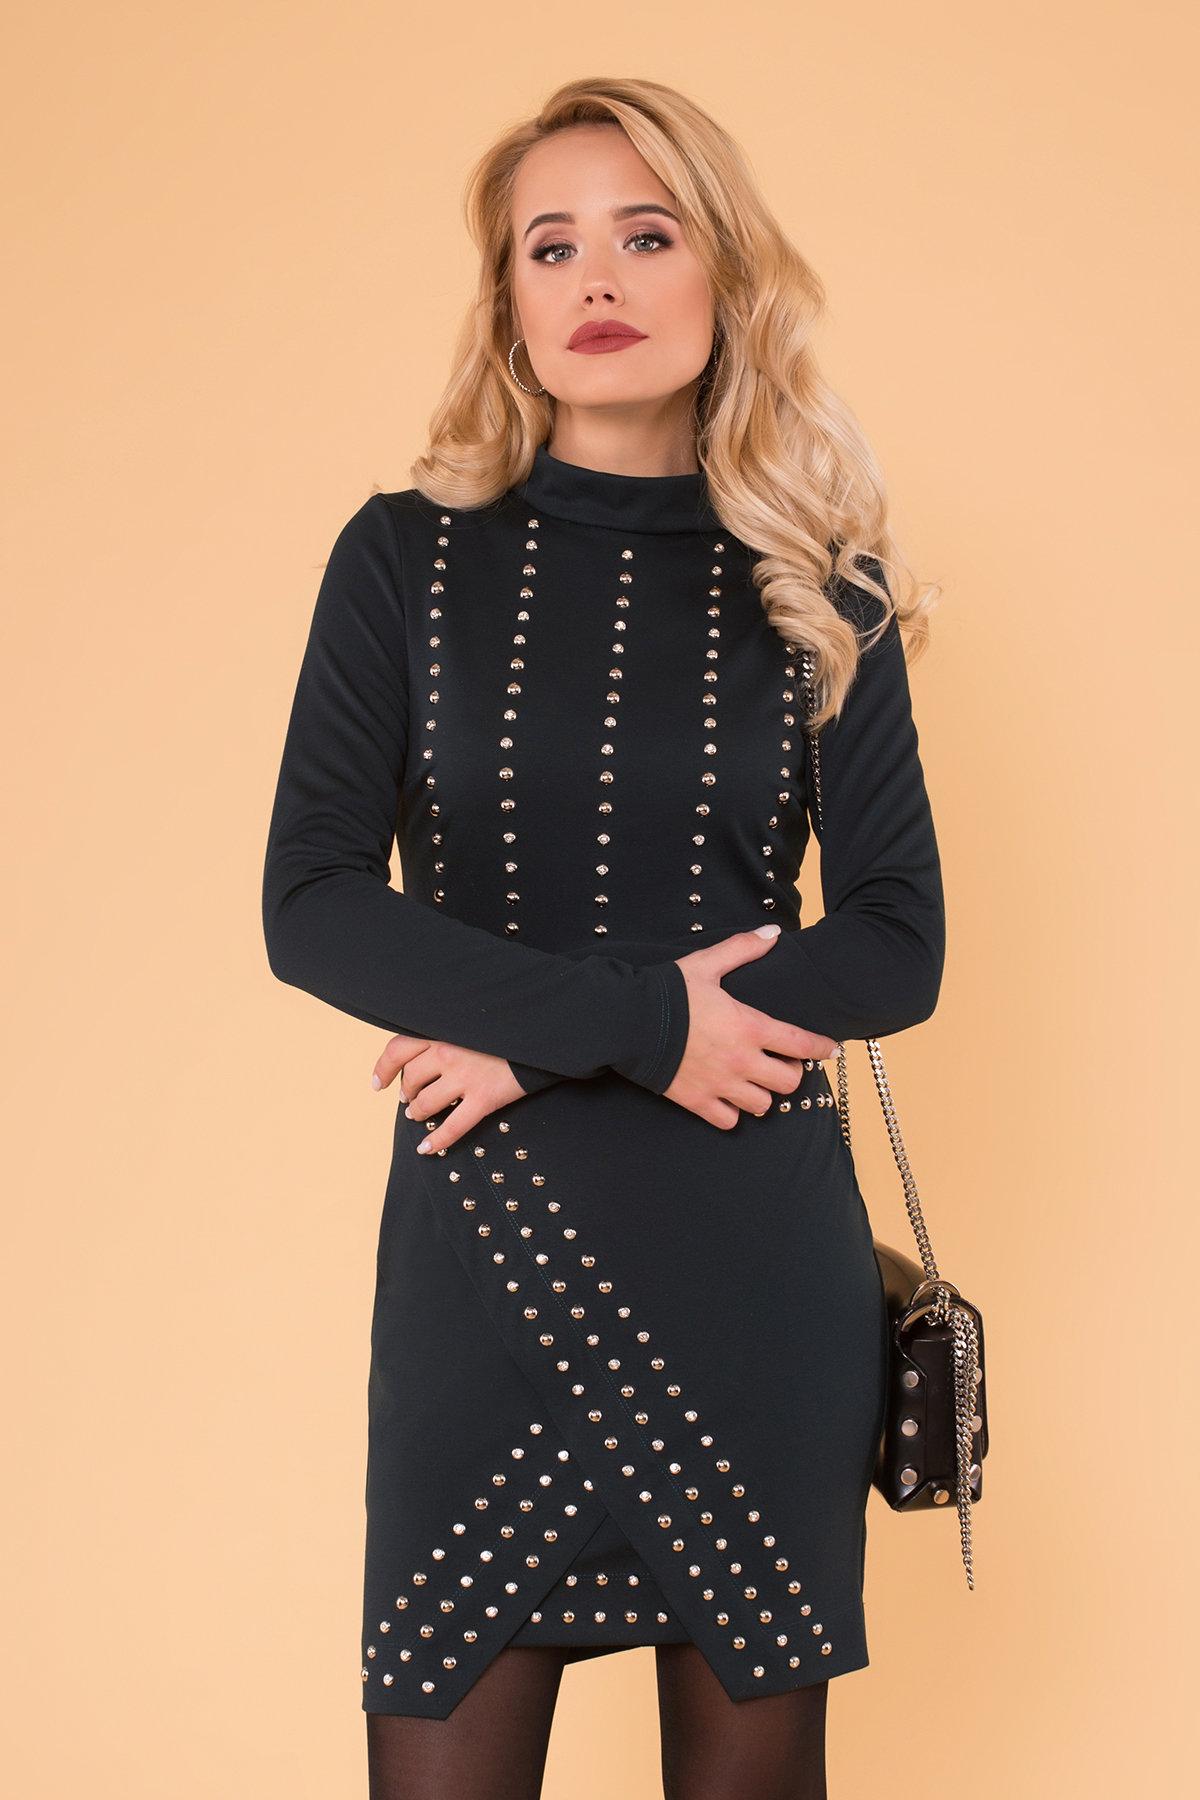 Облегающее короткое Платье Дюке 4430 АРТ. 21290 Цвет: Зеленый Темный - фото 3, интернет магазин tm-modus.ru